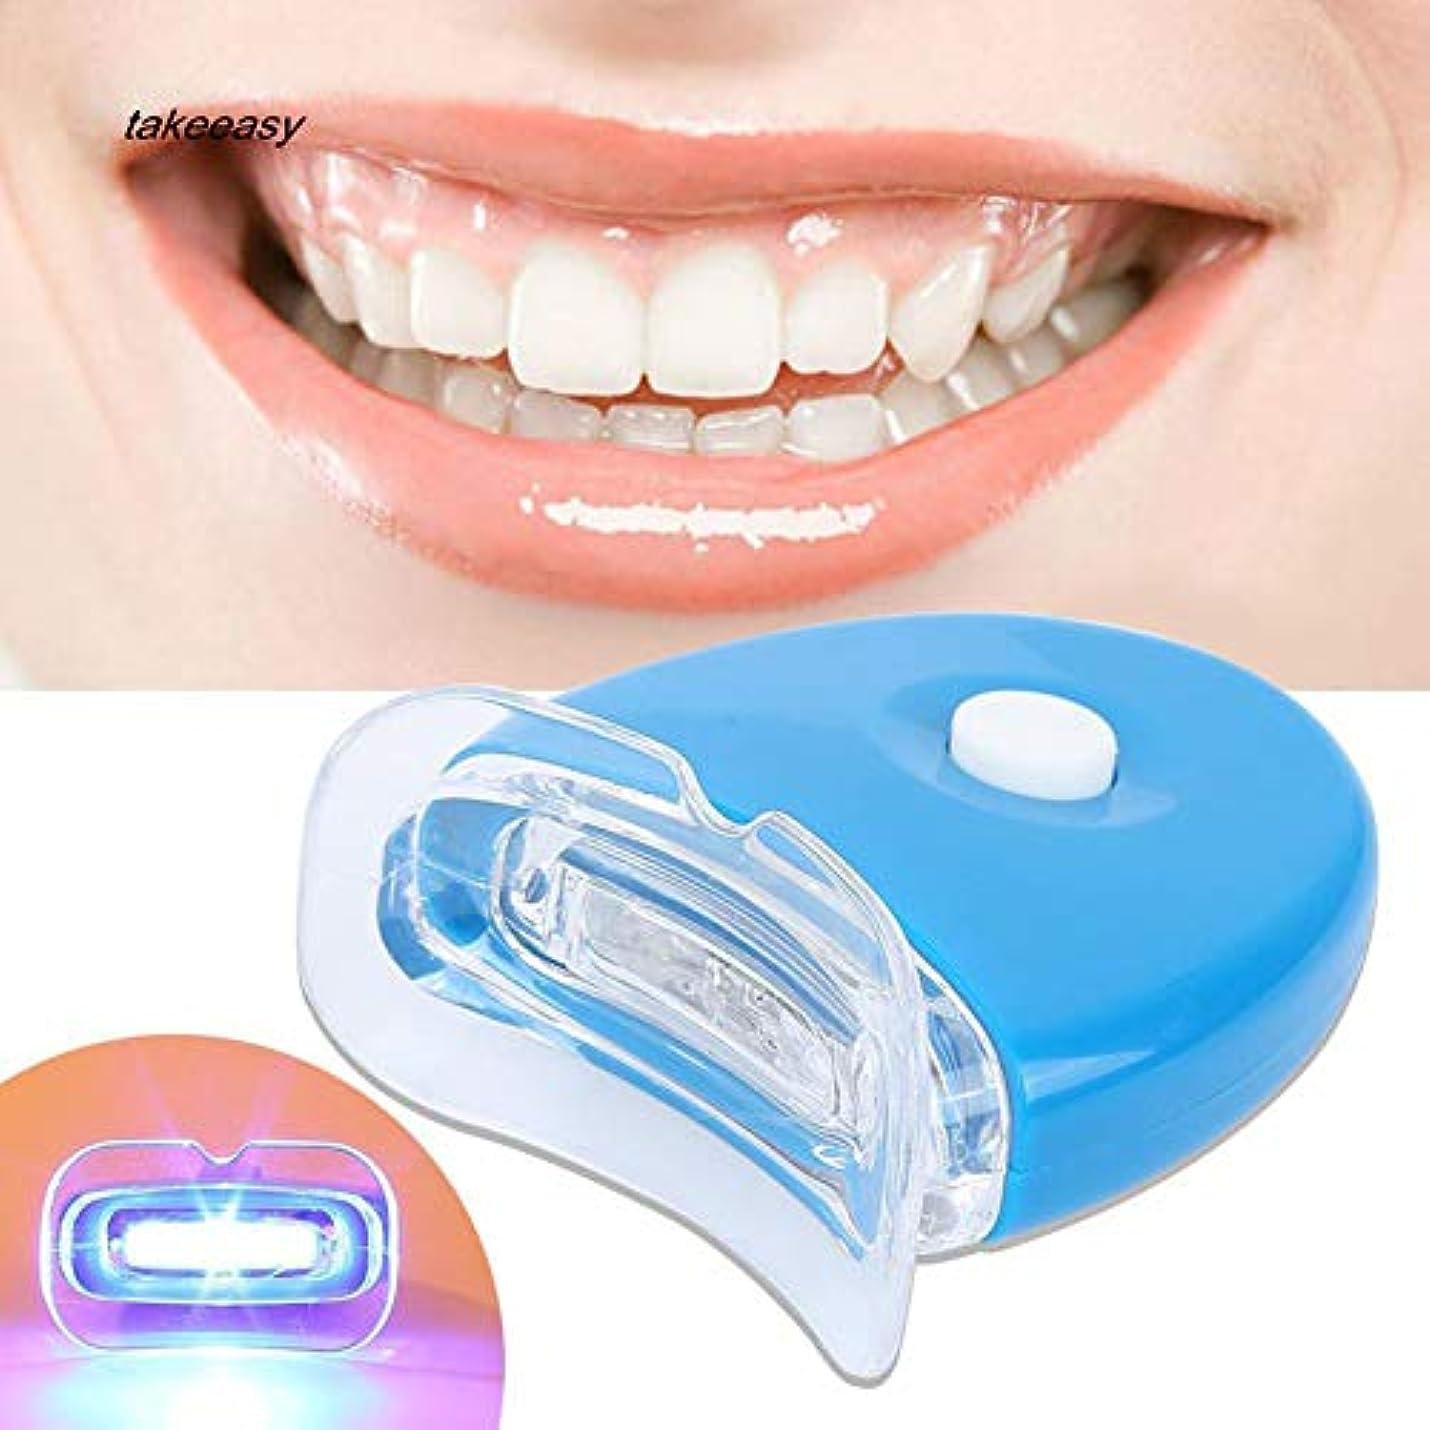 コンテンポラリーフルートトーク歯ホワイトニング器 歯美白器 美歯器 ホワイトニング ホワイトナー ケア 歯の消しゴム 歯科機器 口腔ゲルキット ライト付き 歯を白くする